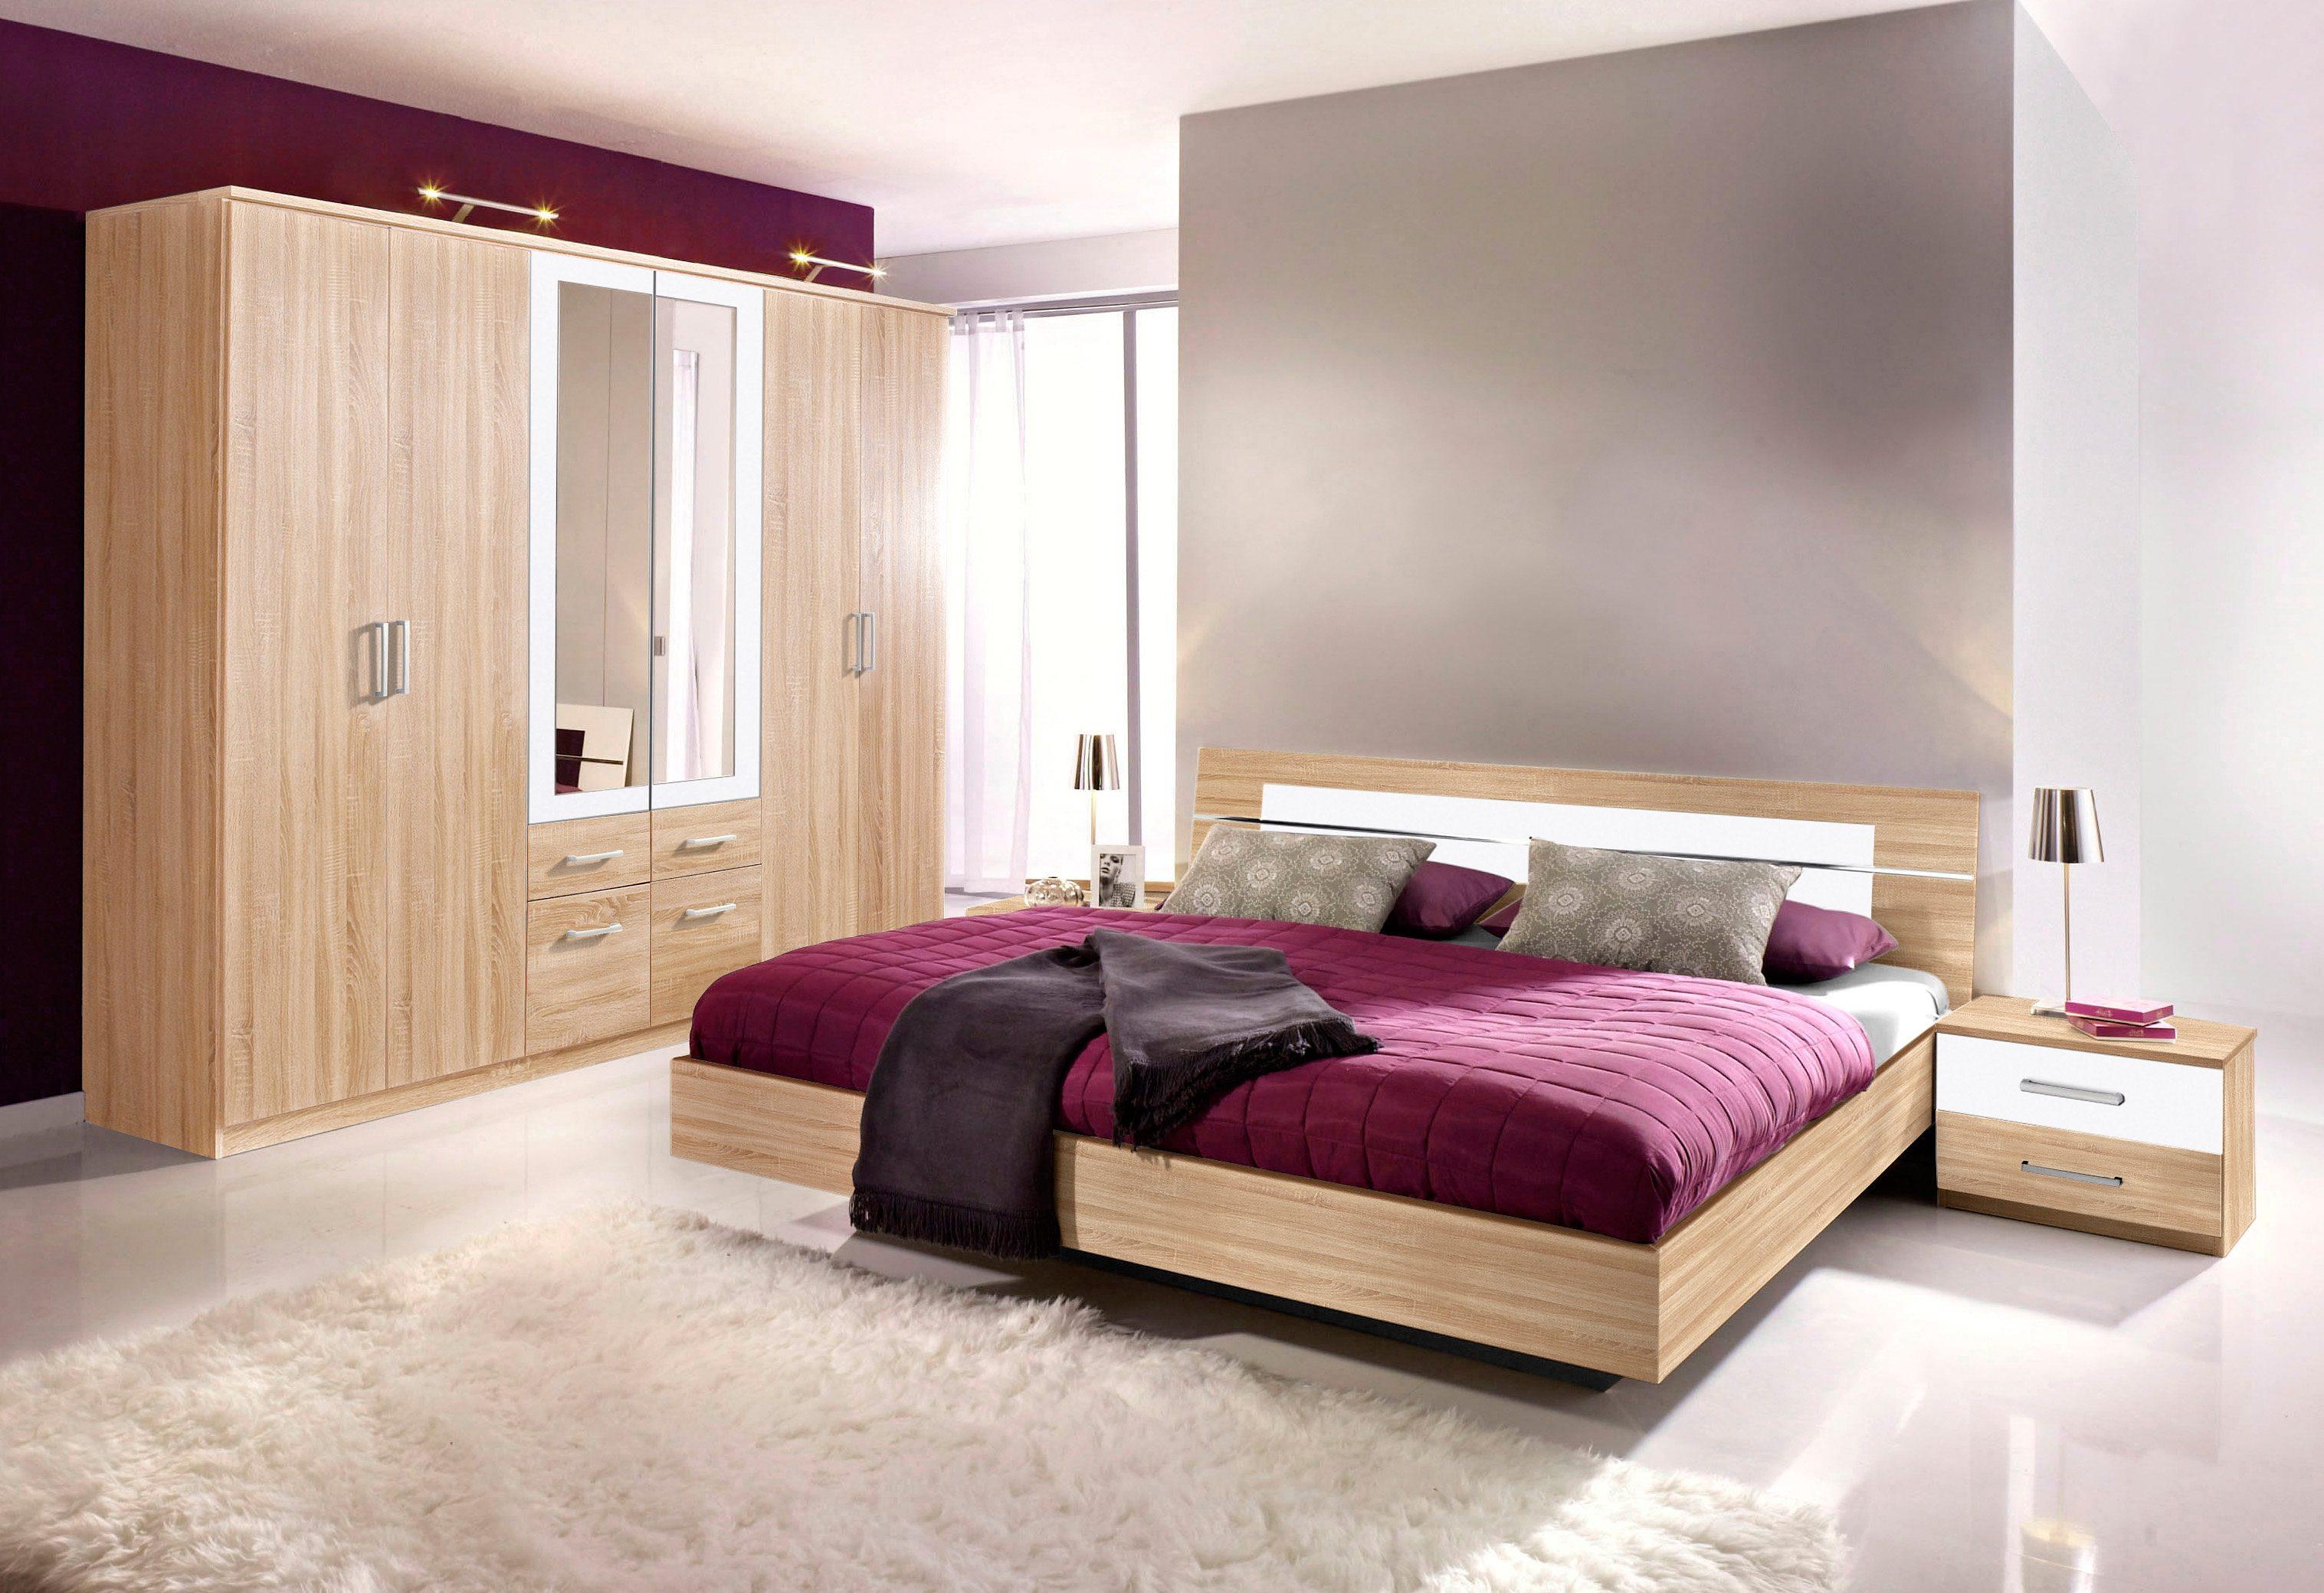 rauch Schlafzimmer-Set »Burano« (Set, 4-tlg) kaufen | BAUR